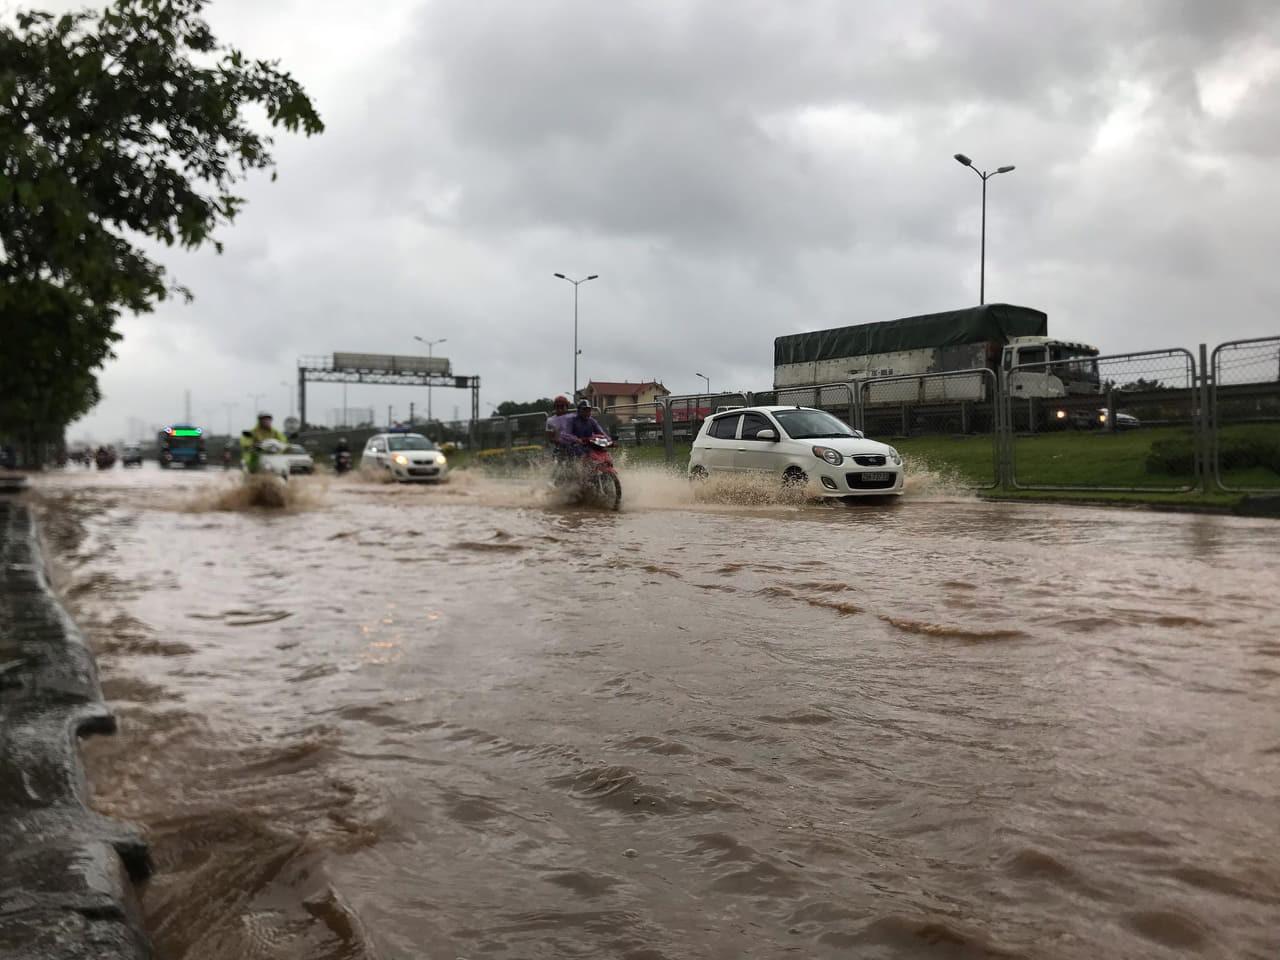 Hà Nội mưa như trút nước, người khốn khổ tát nước từ nhà ra sân, người hăng hái ra kênh bắt cá-9